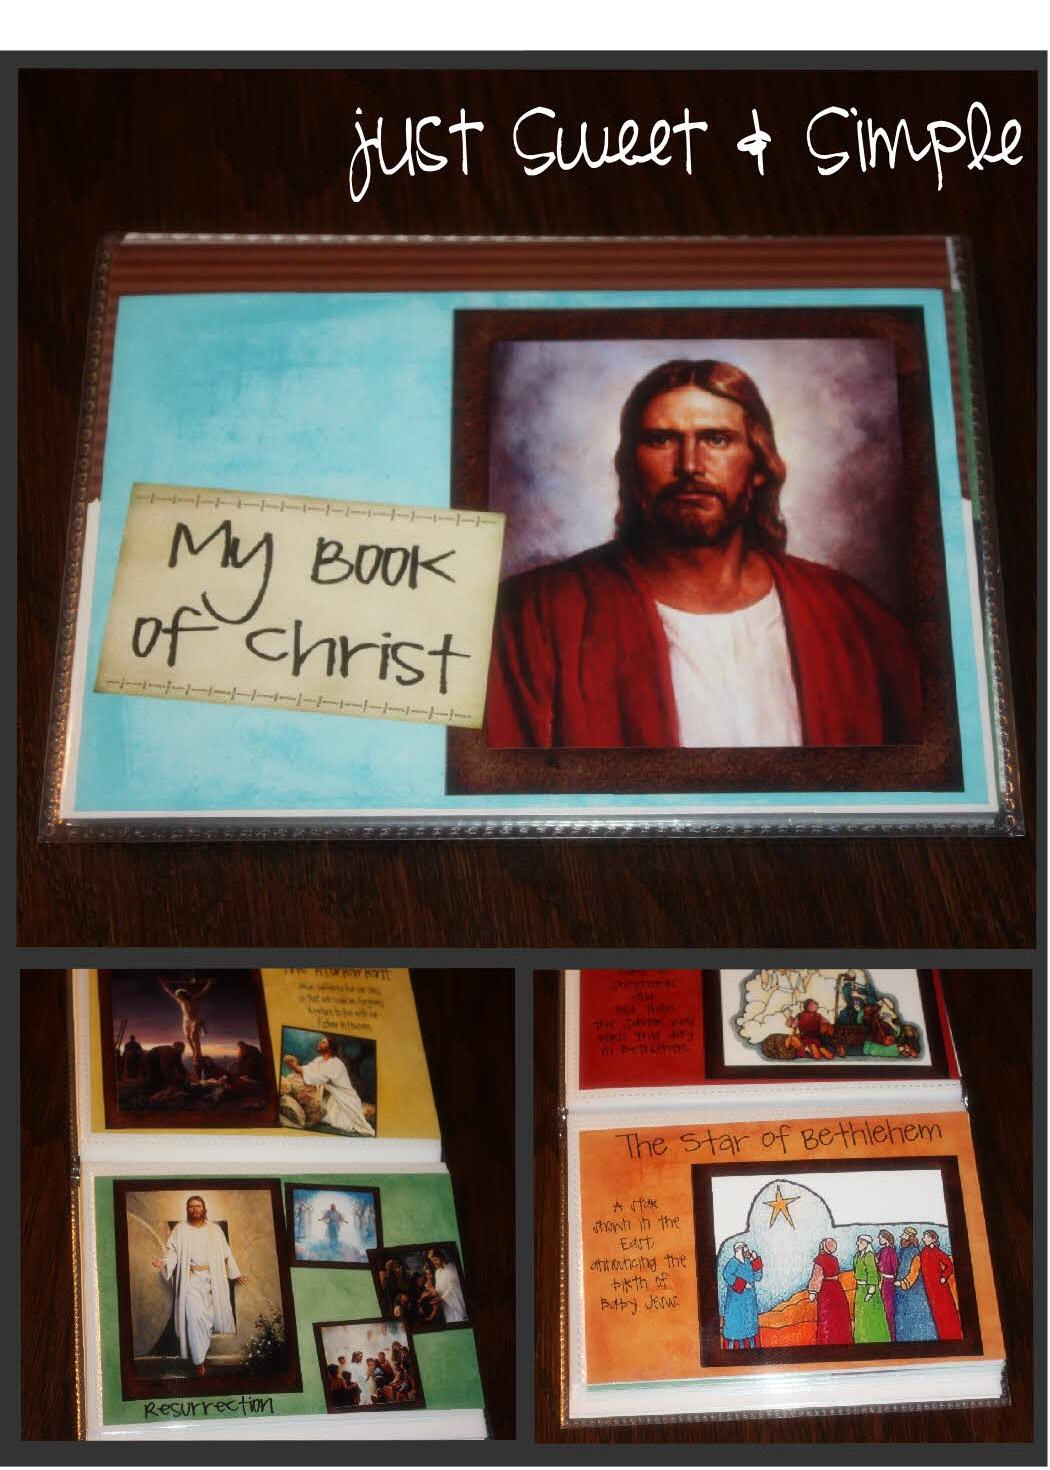 http://1.bp.blogspot.com/-Rhf_ls01ul4/TwP73BA0-pI/AAAAAAAAAGE/0iDWDuYKzY4/s1600/jesus%2Bbook%2Bcover.JPG